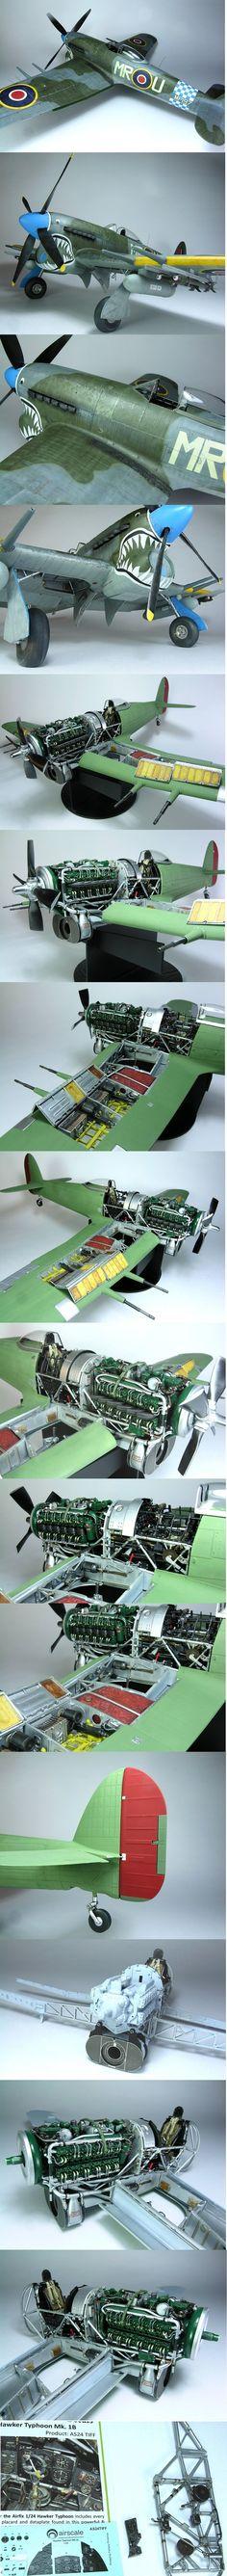 Airfix's Hawker Typhoon Mk. IIB | 1:24 scale